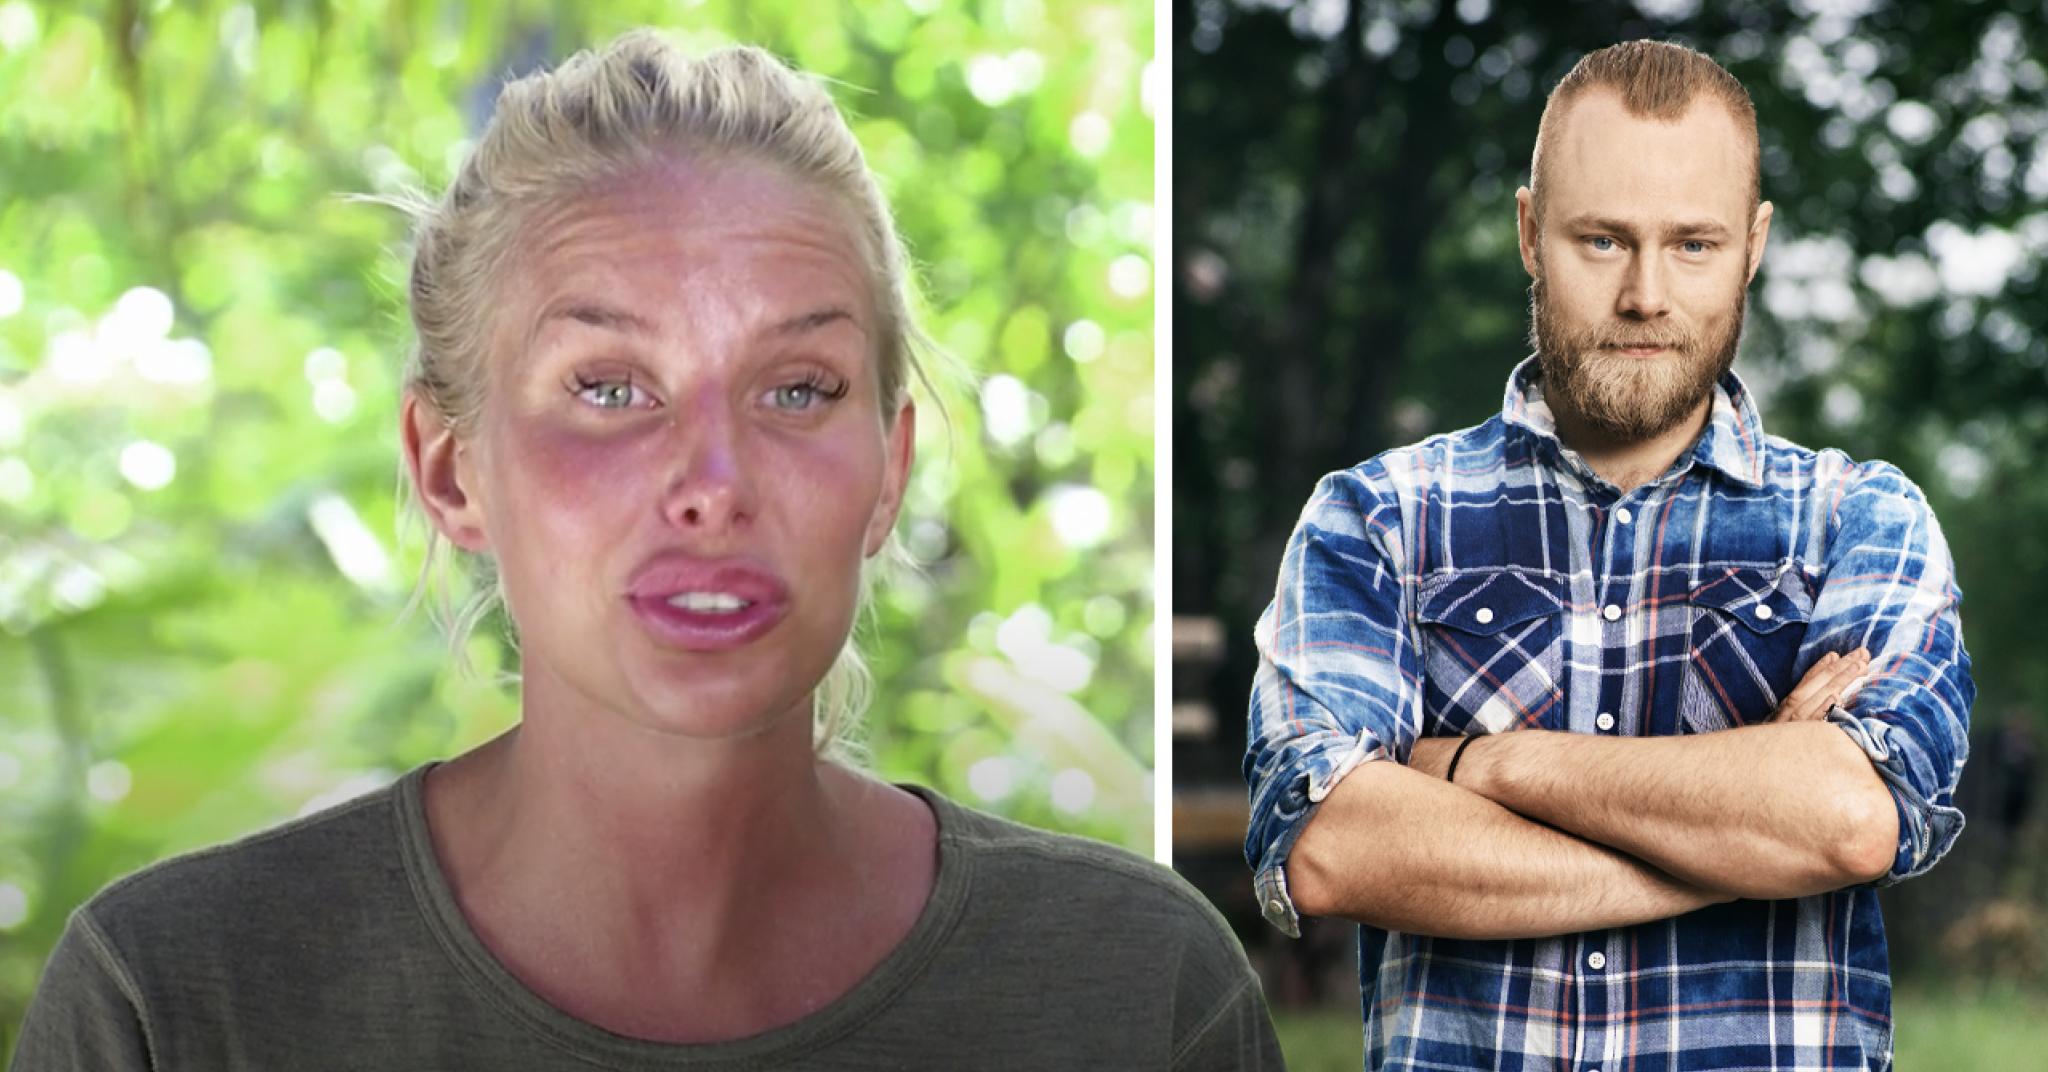 Robinson-Julia Franzéns hemliga relation med Farmen-Jens Rönnqvist